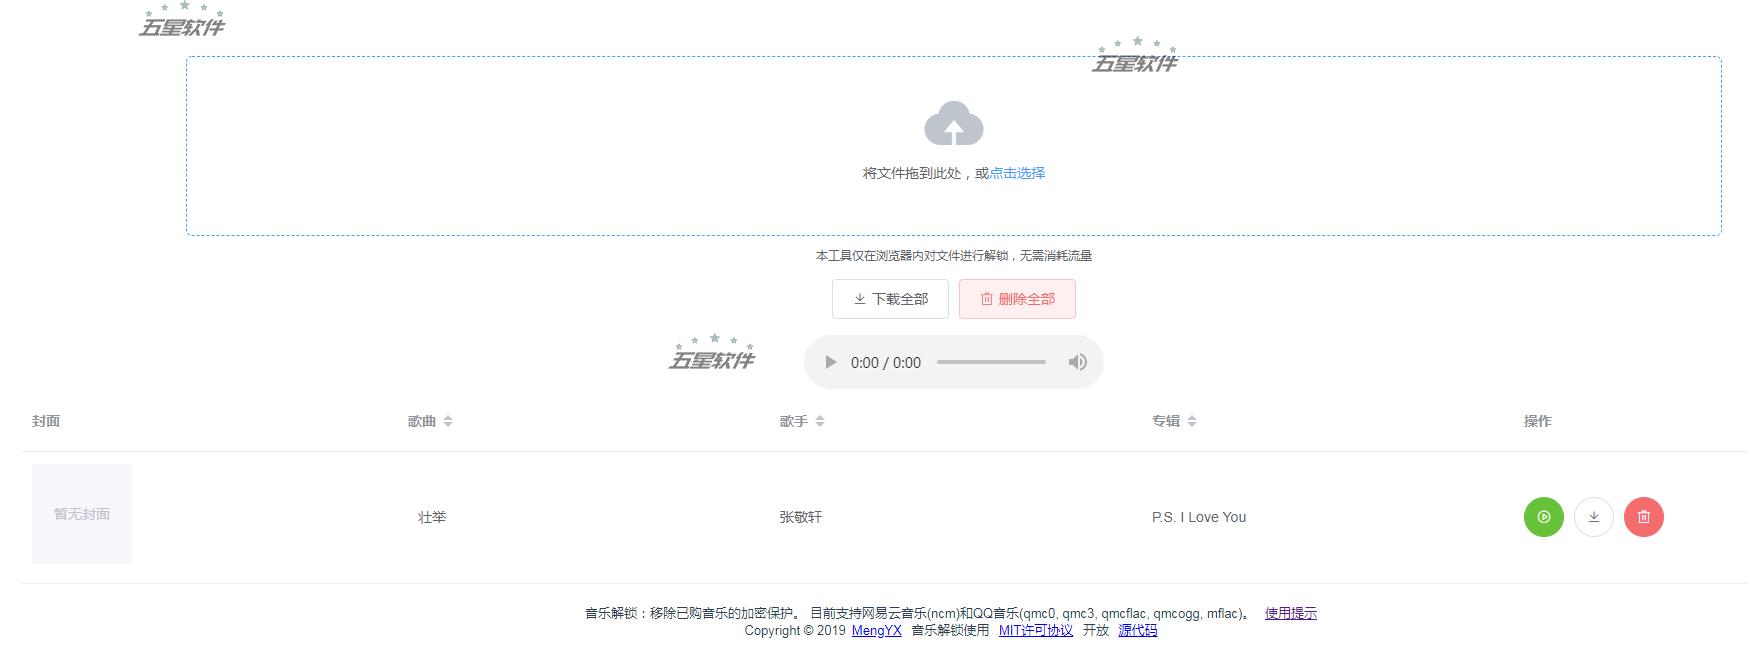 超赞!加密音乐解锁工具 Unlock-music (web应用)